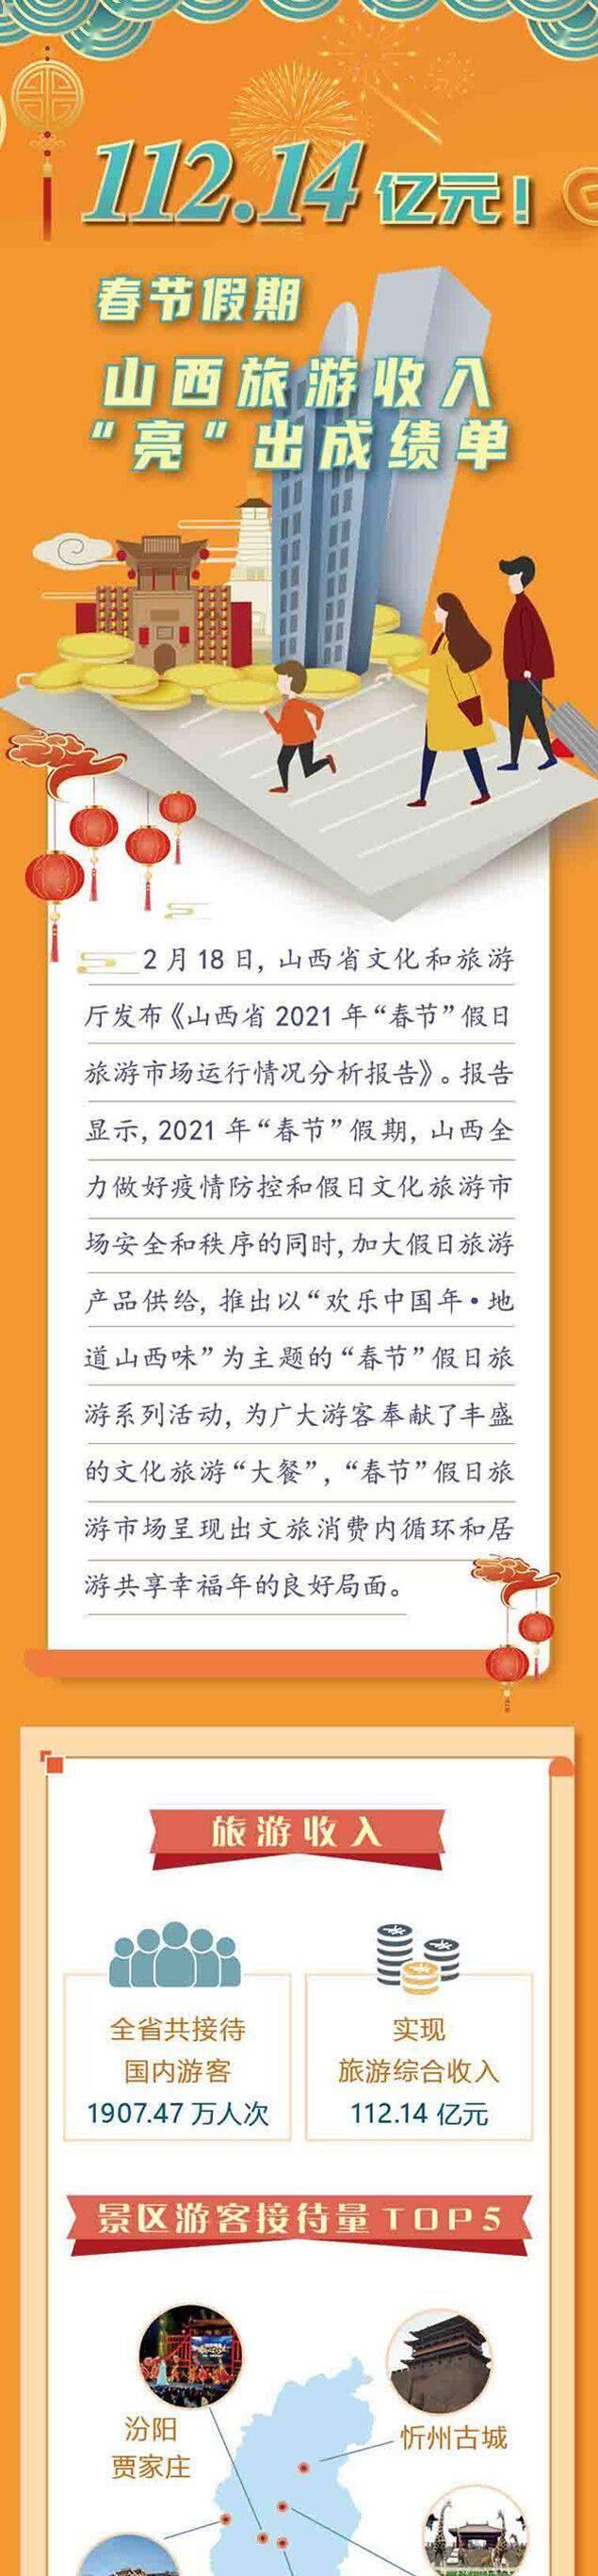 """图解丨112.14亿元!山西旅游""""亮""""出春节成绩单  第1张"""